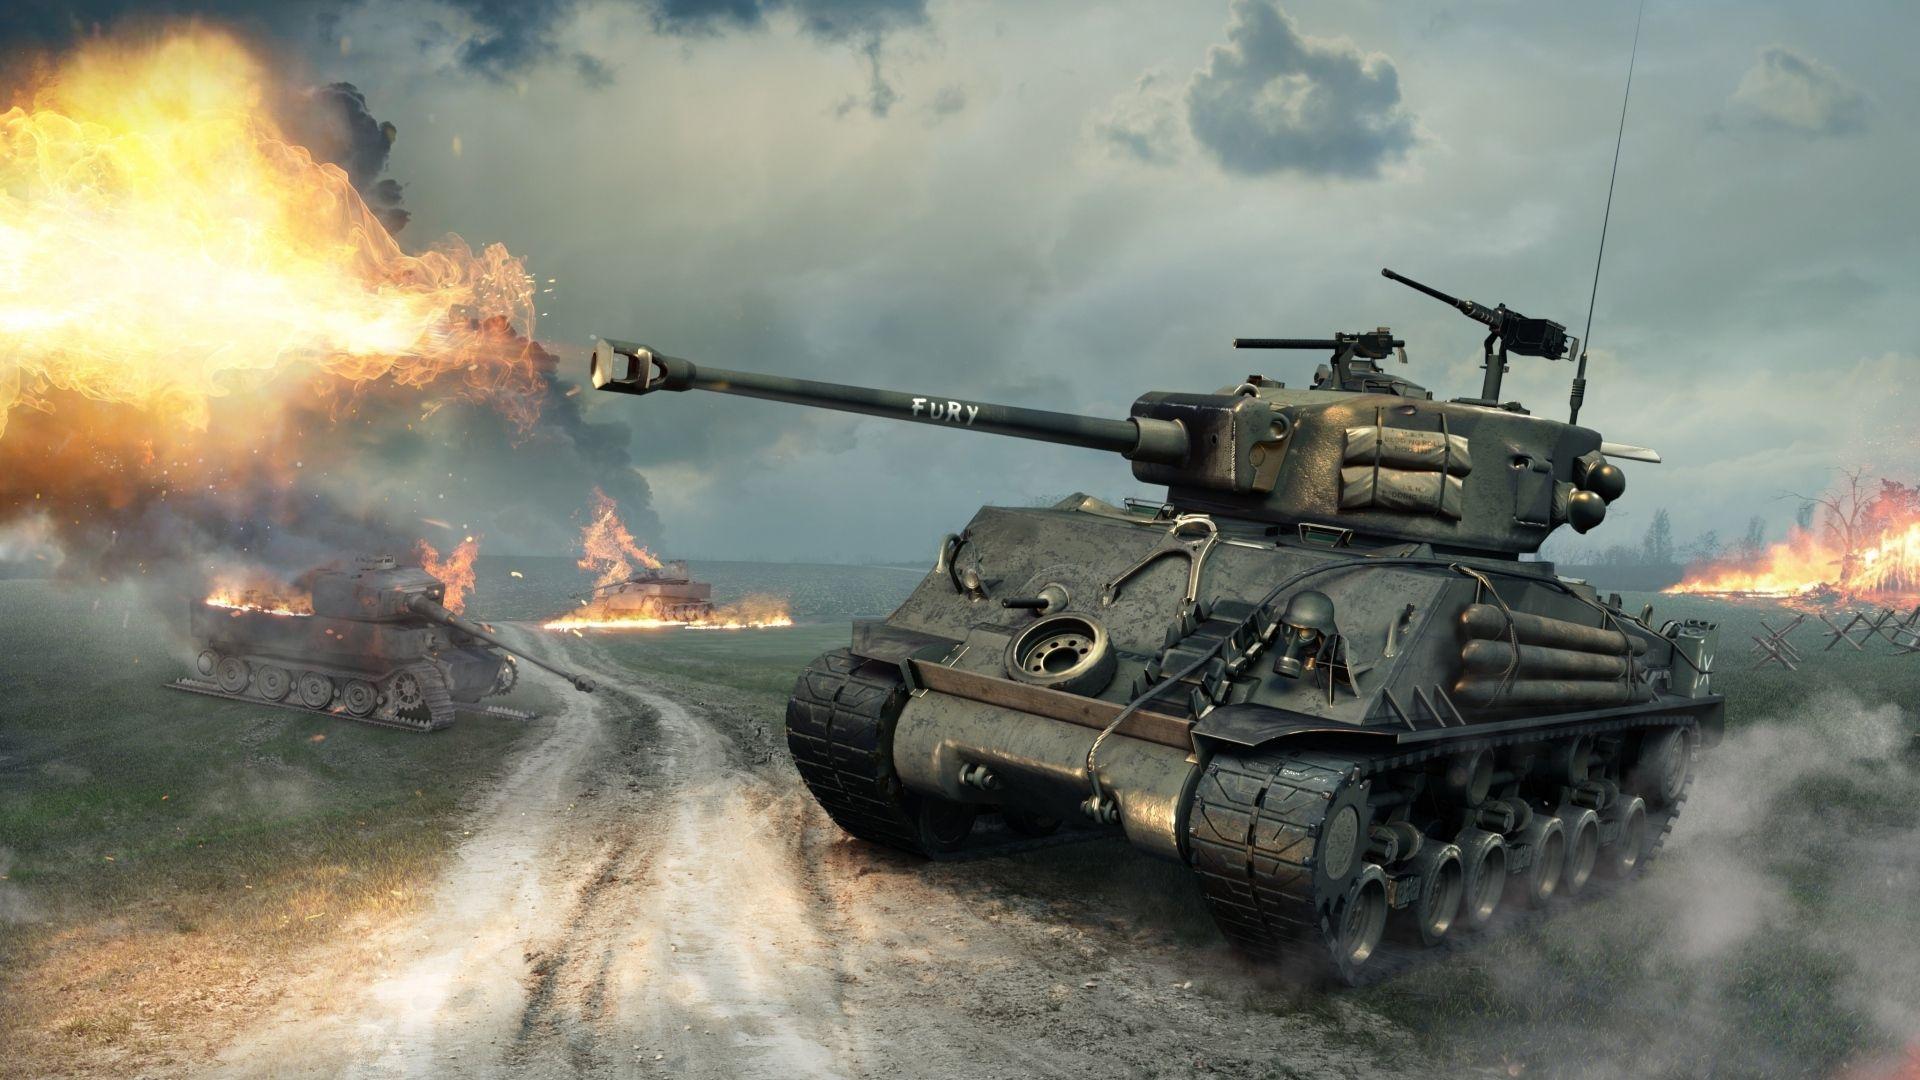 Tank Wallpaper Image